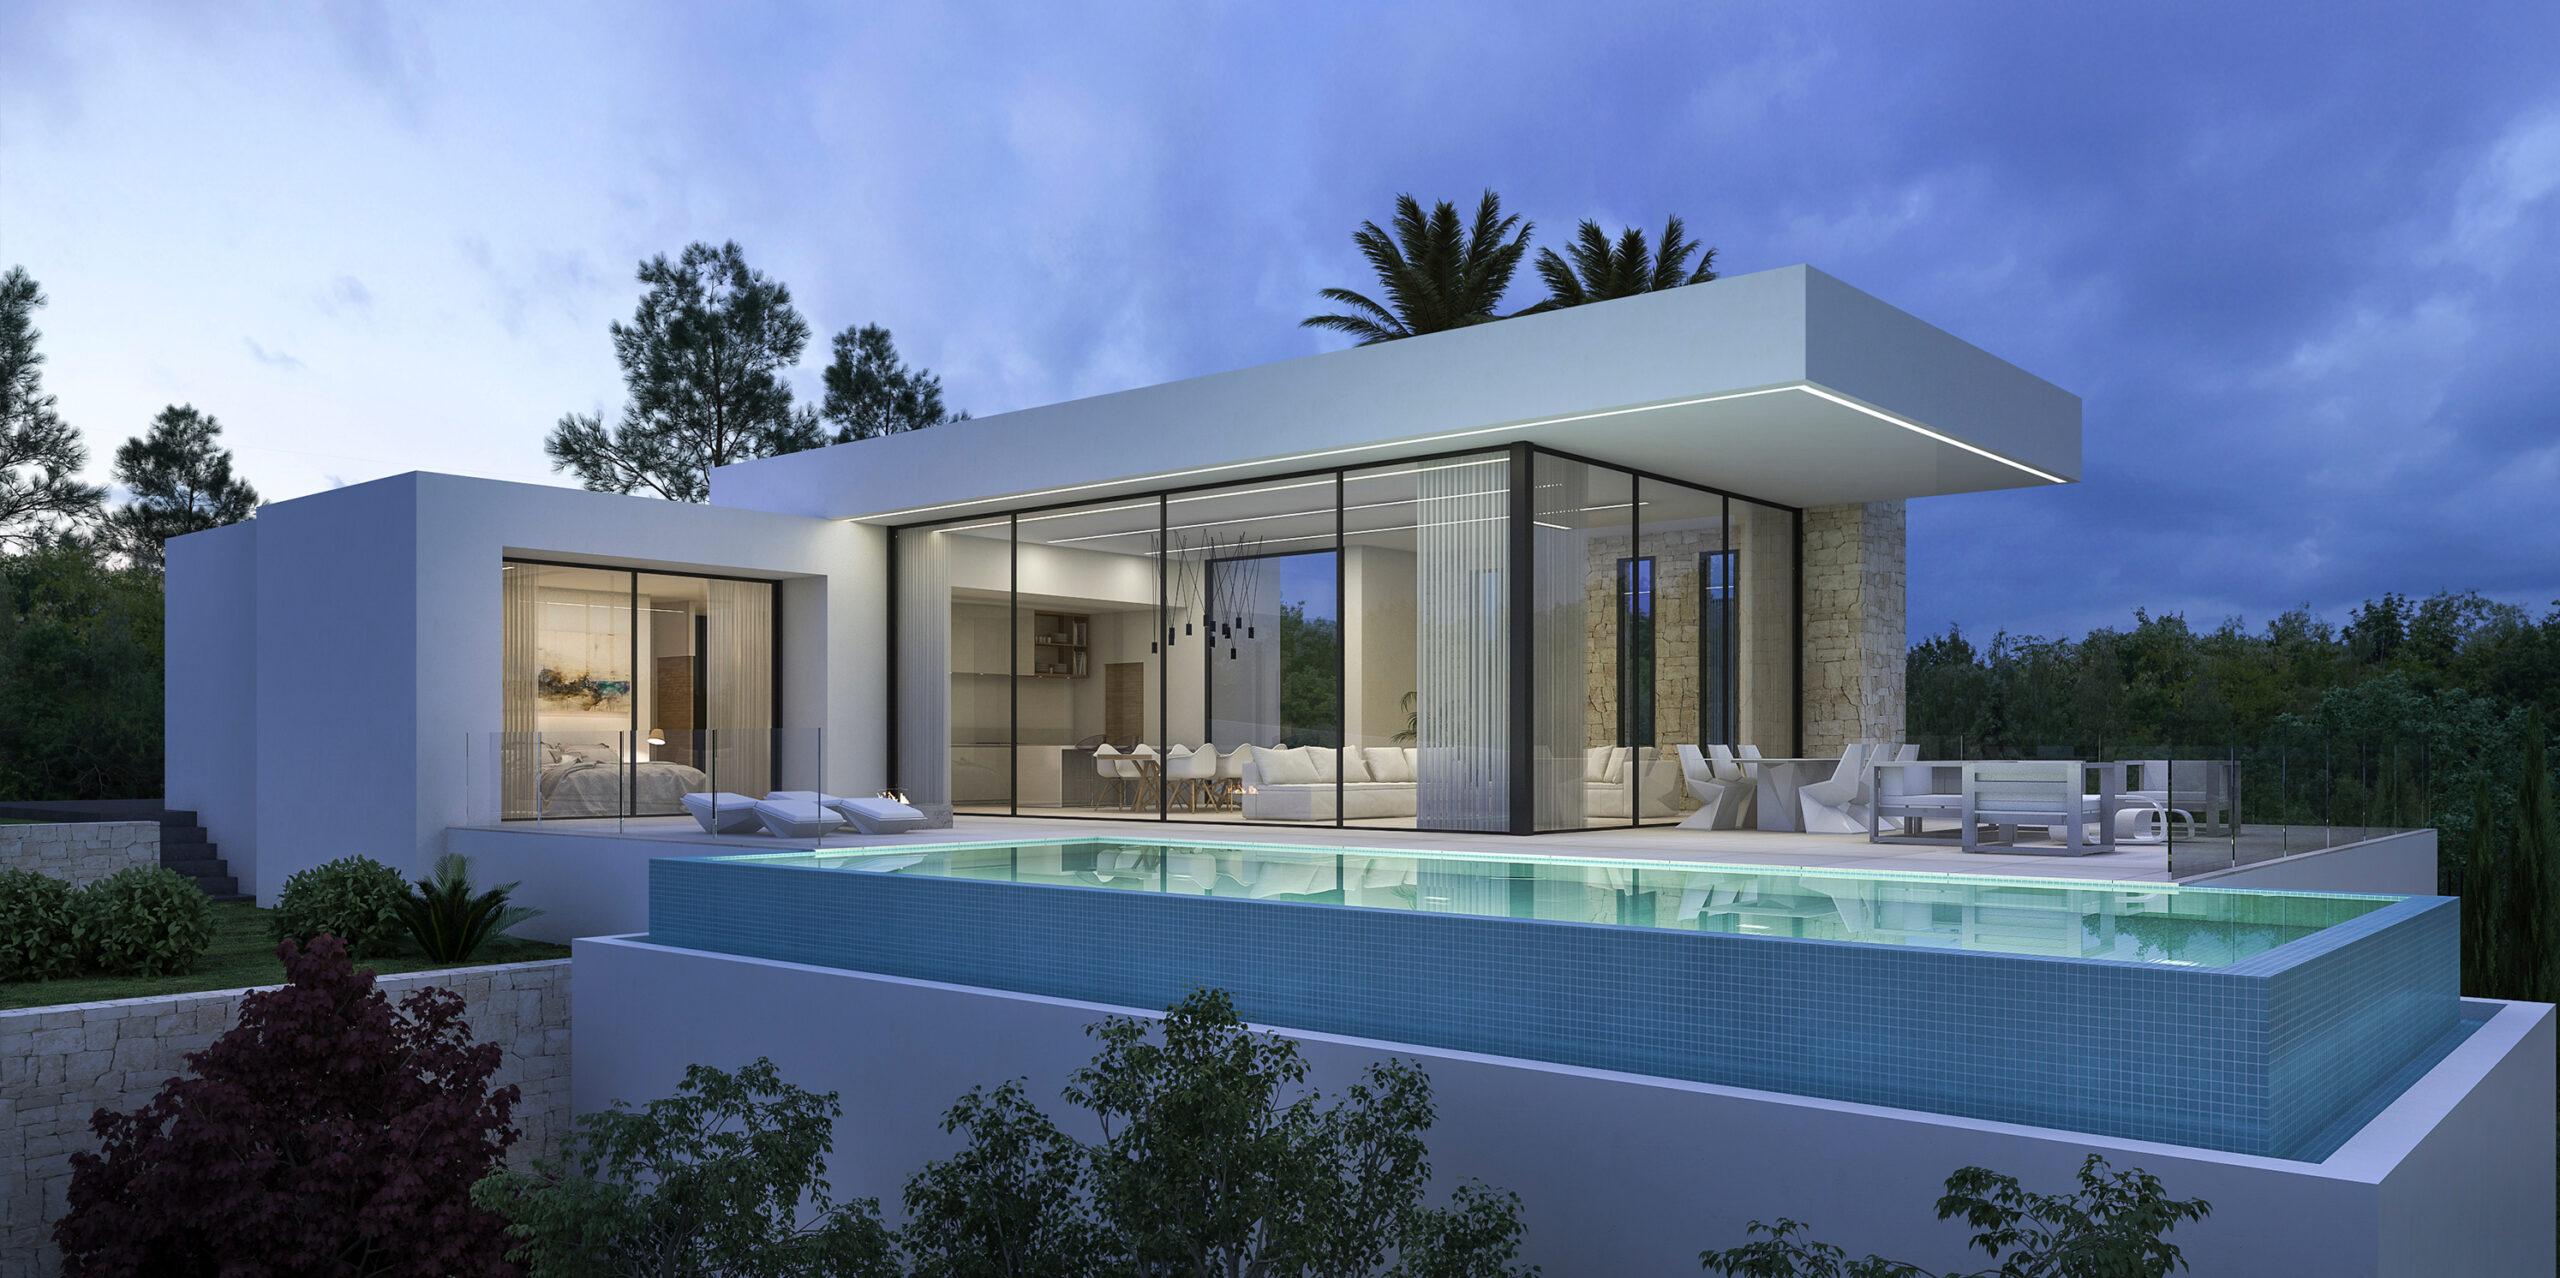 New Build in Moraira Fanadix